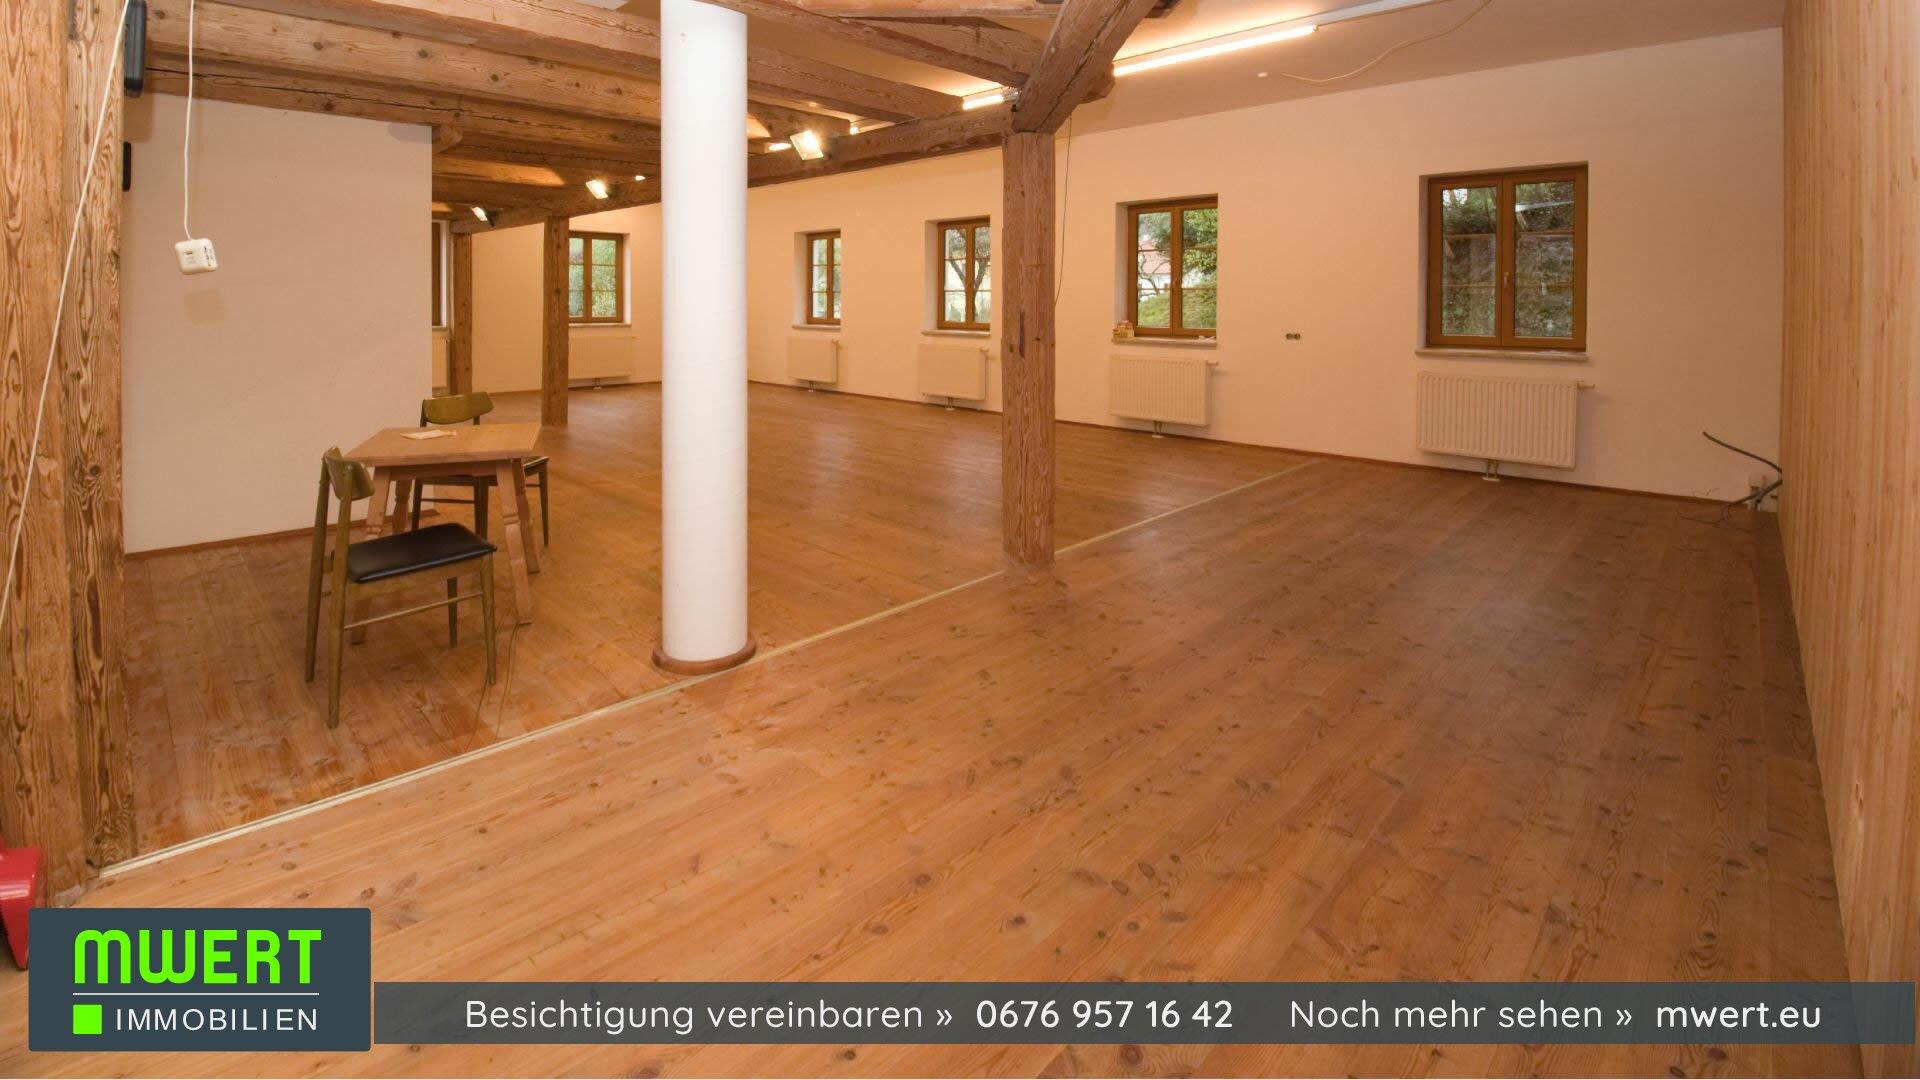 Büro im Waldviertel, Schönbach